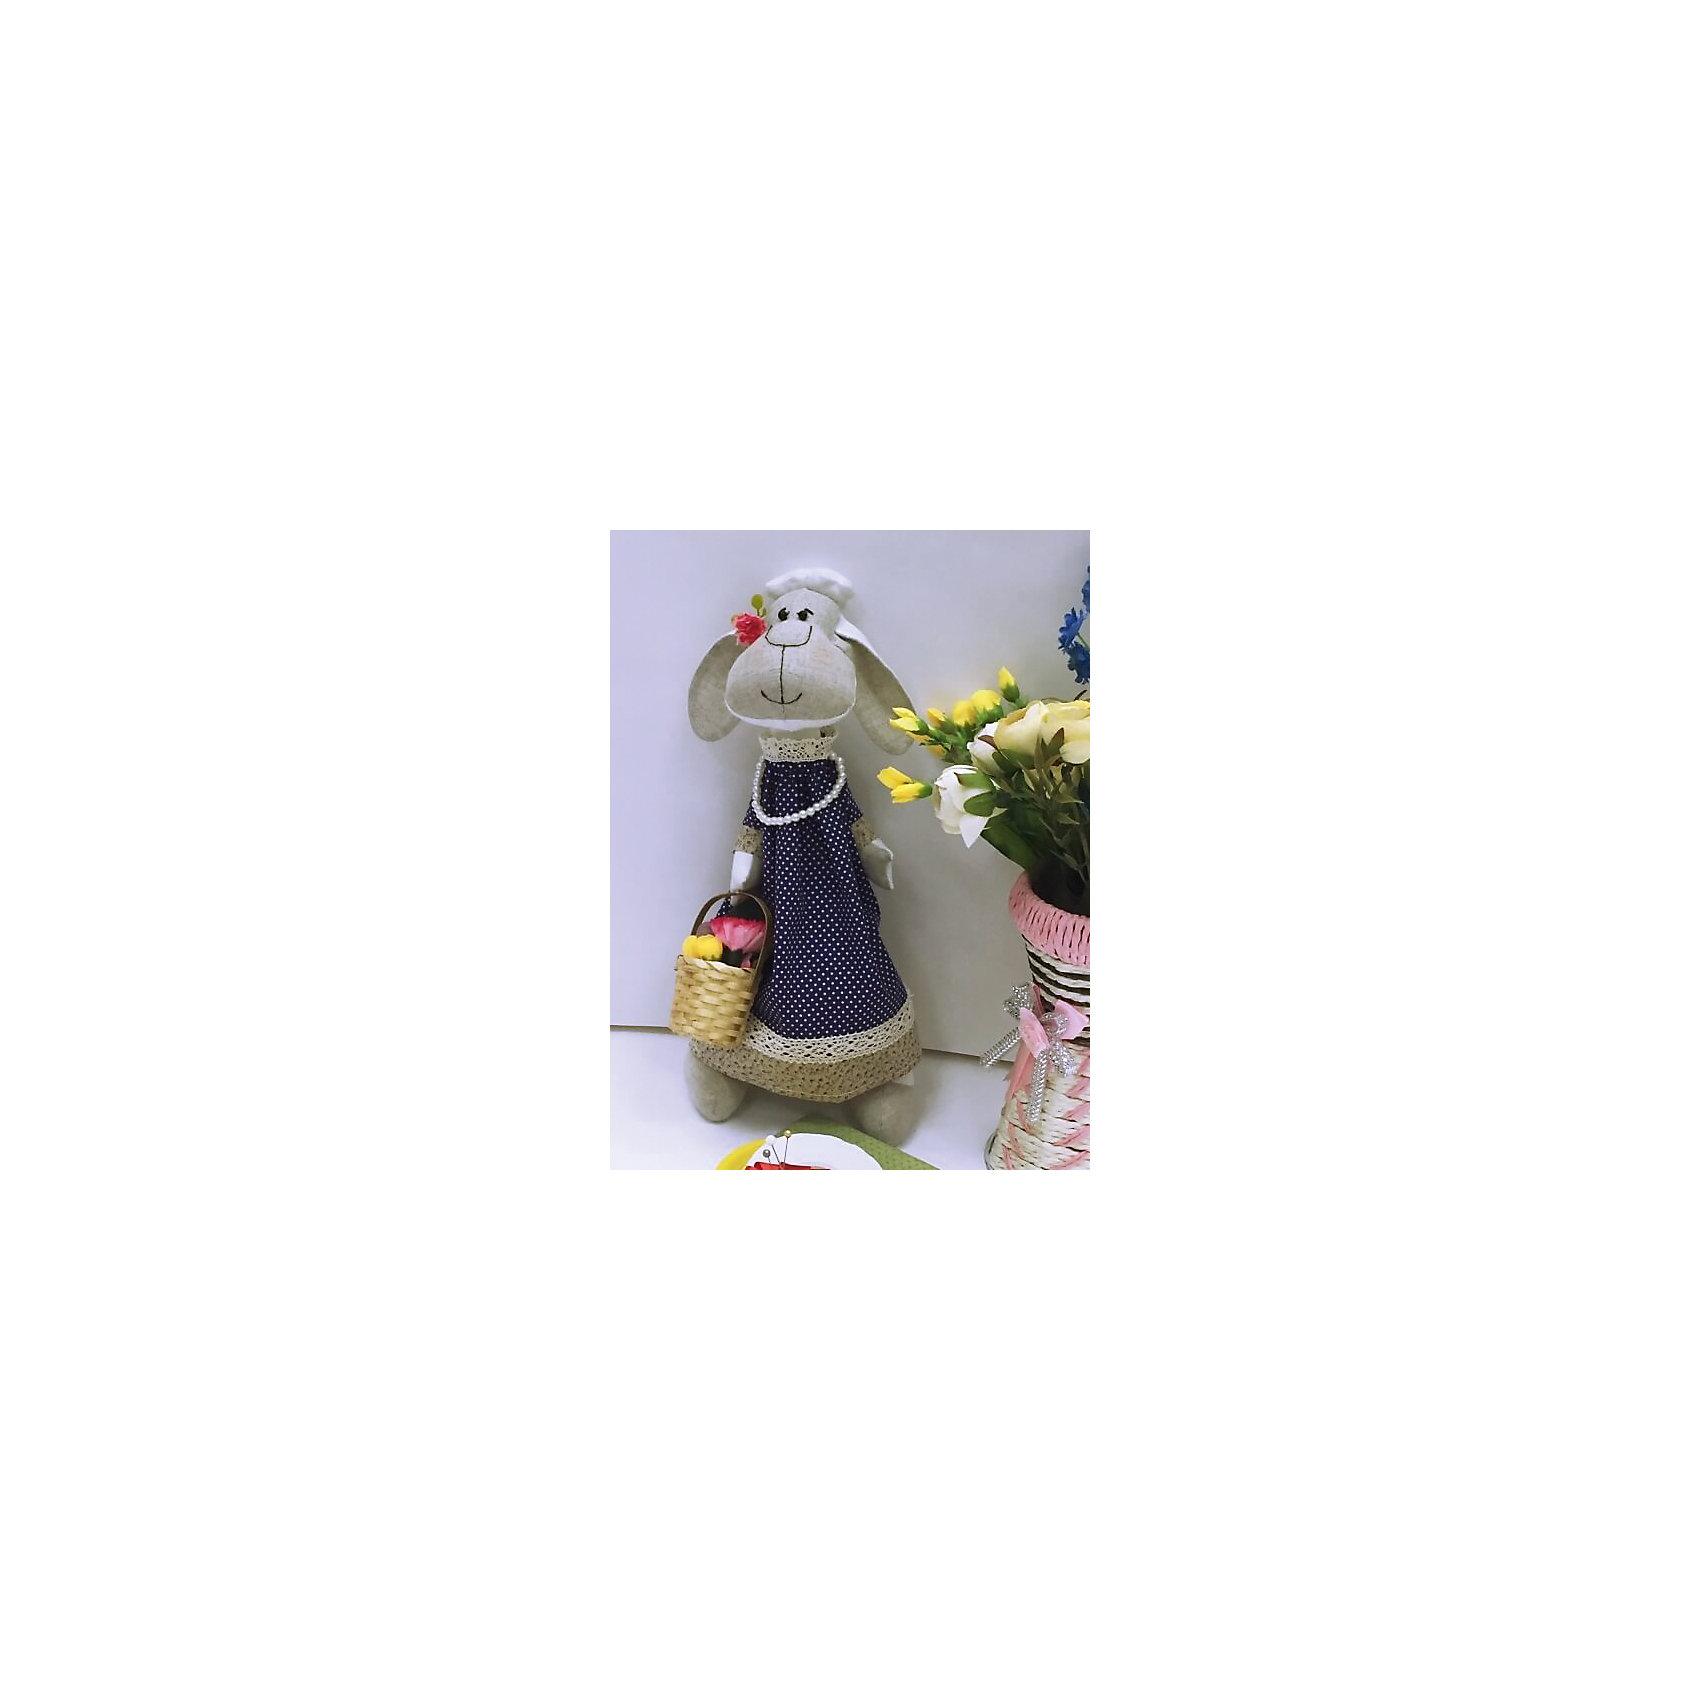 Набор для шитья Овечка ЦветочницаРукоделие<br>В набор входит выкройка, подробная инструкция, лекало, мел, булавки, нитки, наполнитель-холлафайбер, ленты и аксессуары для украшения. Игрушка выполняется из специальной несыпучей ткани для печворка. Своими руками Вы создаете дизайнерскую игрушку<br><br>Ширина мм: 200<br>Глубина мм: 80<br>Высота мм: 260<br>Вес г: 800<br>Возраст от месяцев: 120<br>Возраст до месяцев: 180<br>Пол: Унисекс<br>Возраст: Детский<br>SKU: 5350861